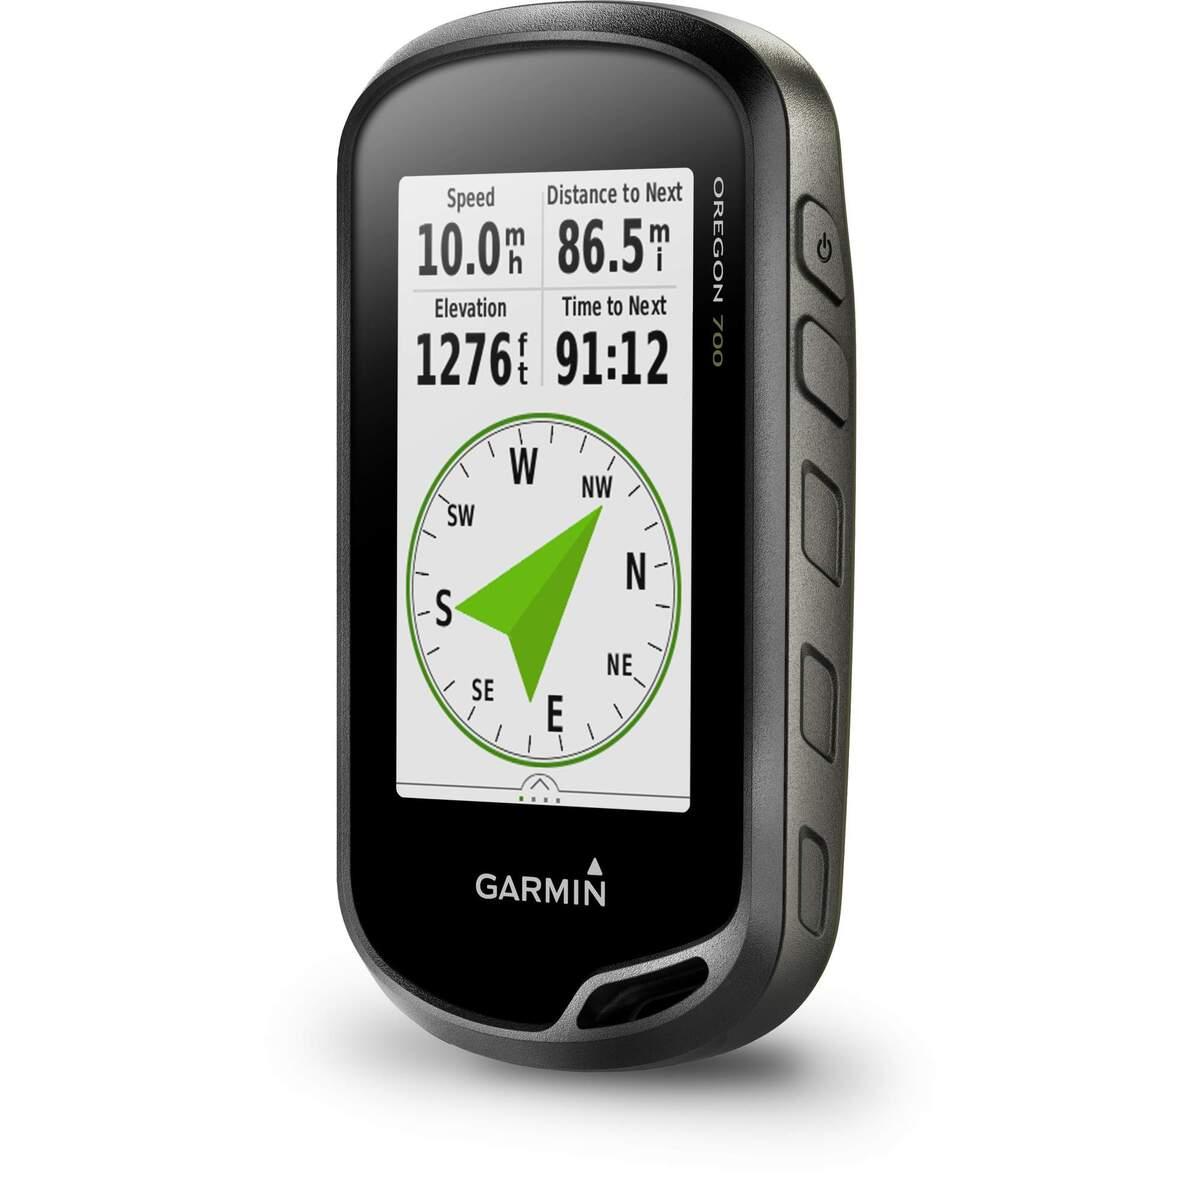 Bild 3 von Garmin OREGON 750T TOPOACTIVE EUROPE - GPS-Gerät